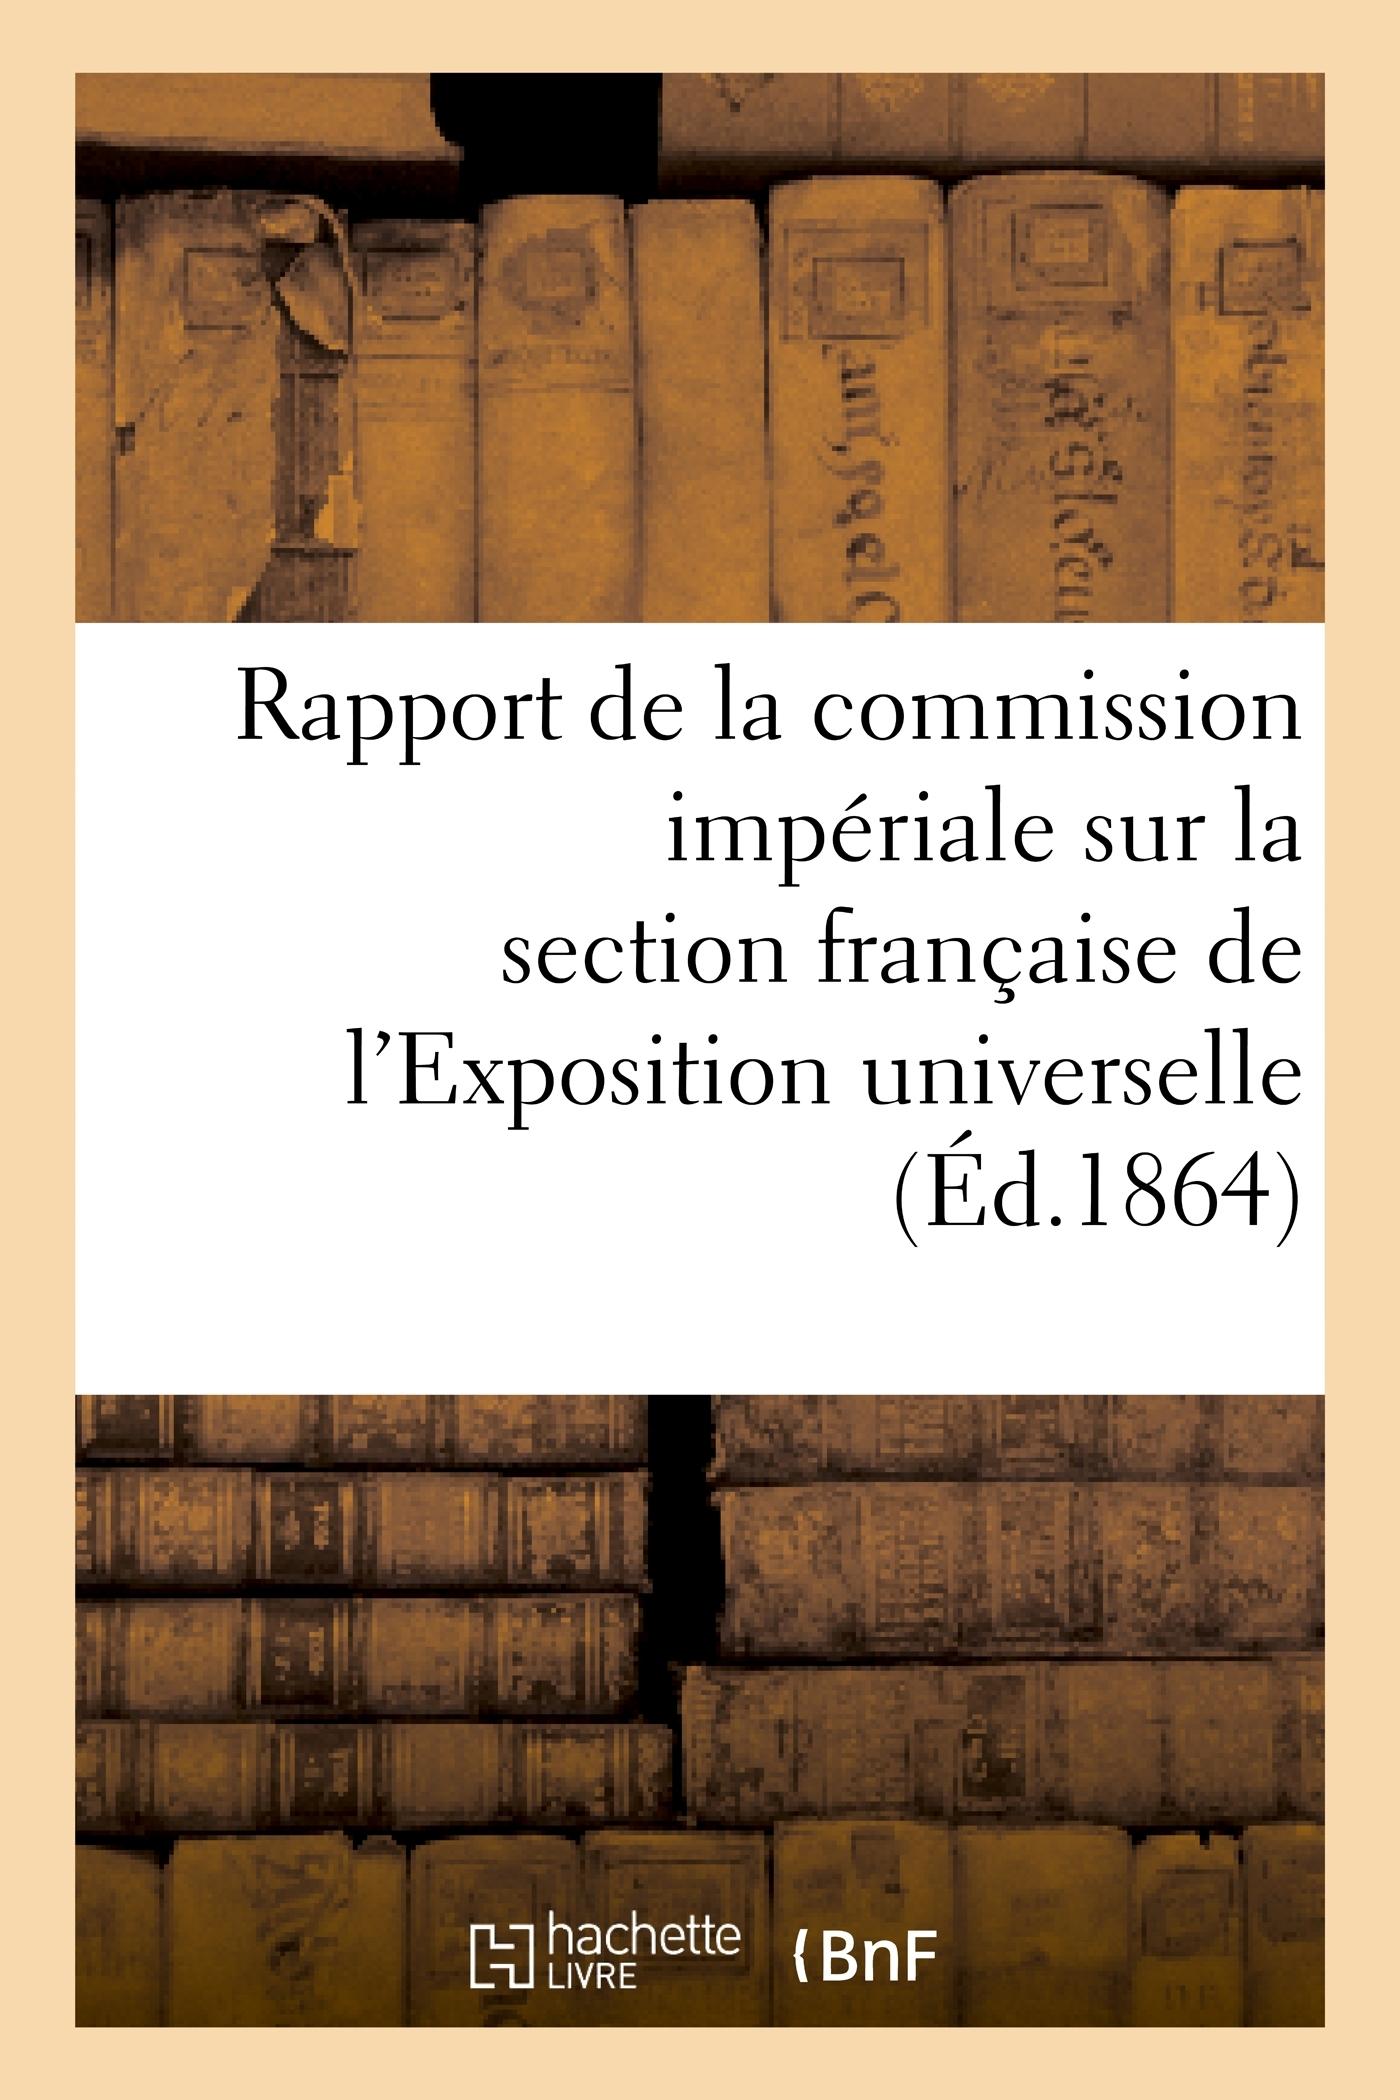 RAPPORT DE LA COMMISSION IMPERIALE SUR LA SECTION FRANCAISE DE L'EXPOSITION UNIVERSELLE DE 1862 - :